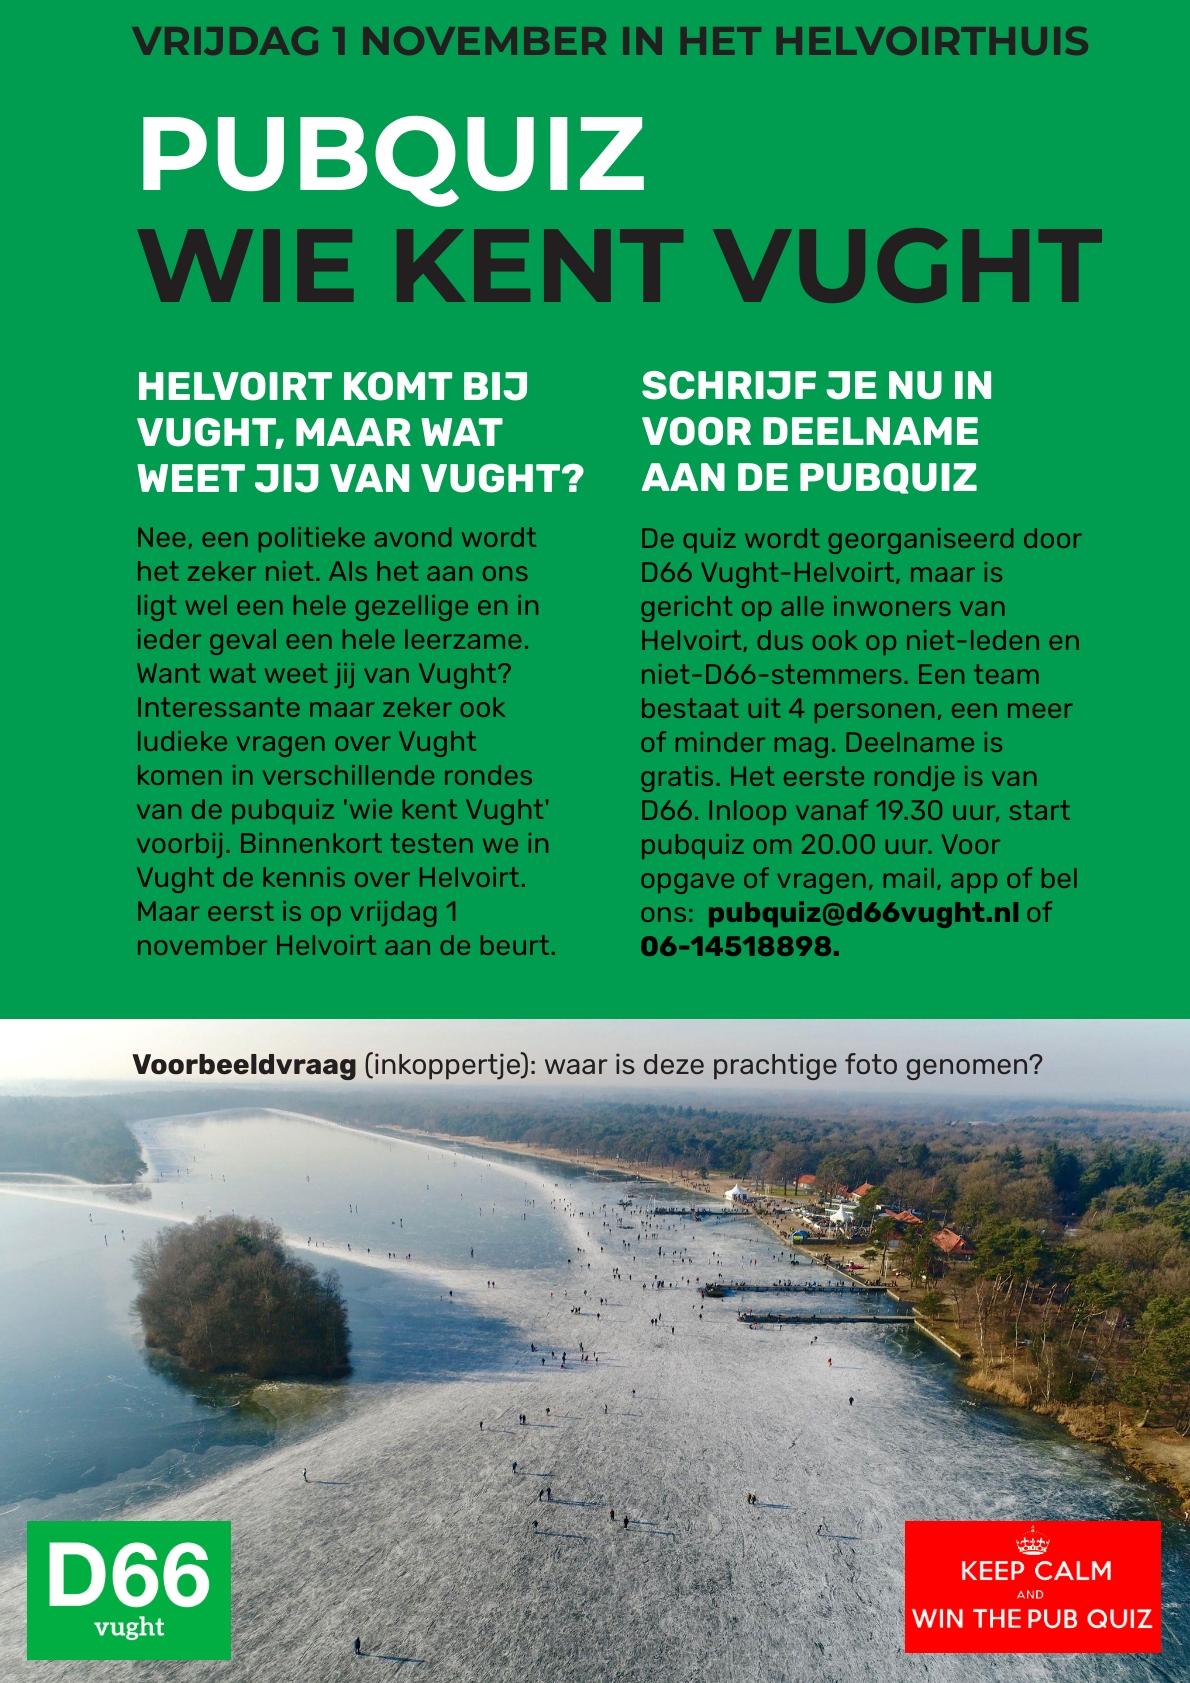 https://vught.d66.nl/2019/10/08/schrijf-je-in-voor-de-pubquiz-wie-kent-vught-in-helvoirt/